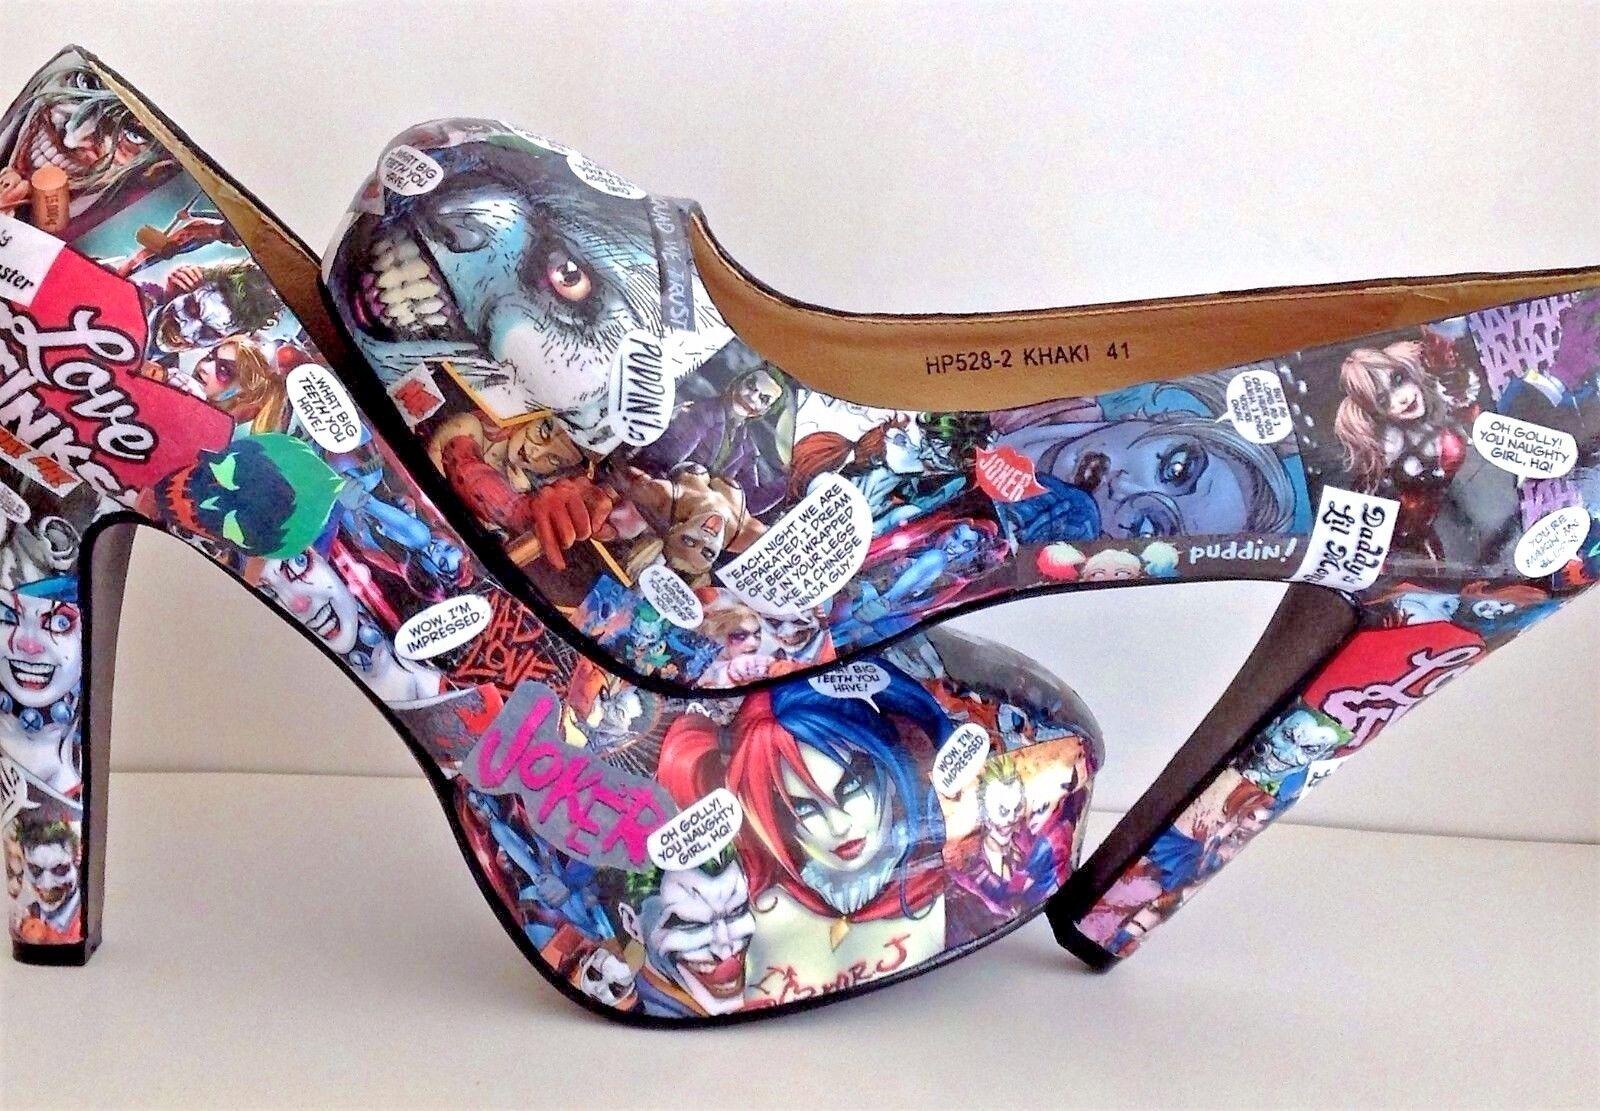 Harley Quinn & Joker 3-8 Customised Decoupage Schuhes.Geek.Cosplay.Größes UK 3-8 Joker 64ed77